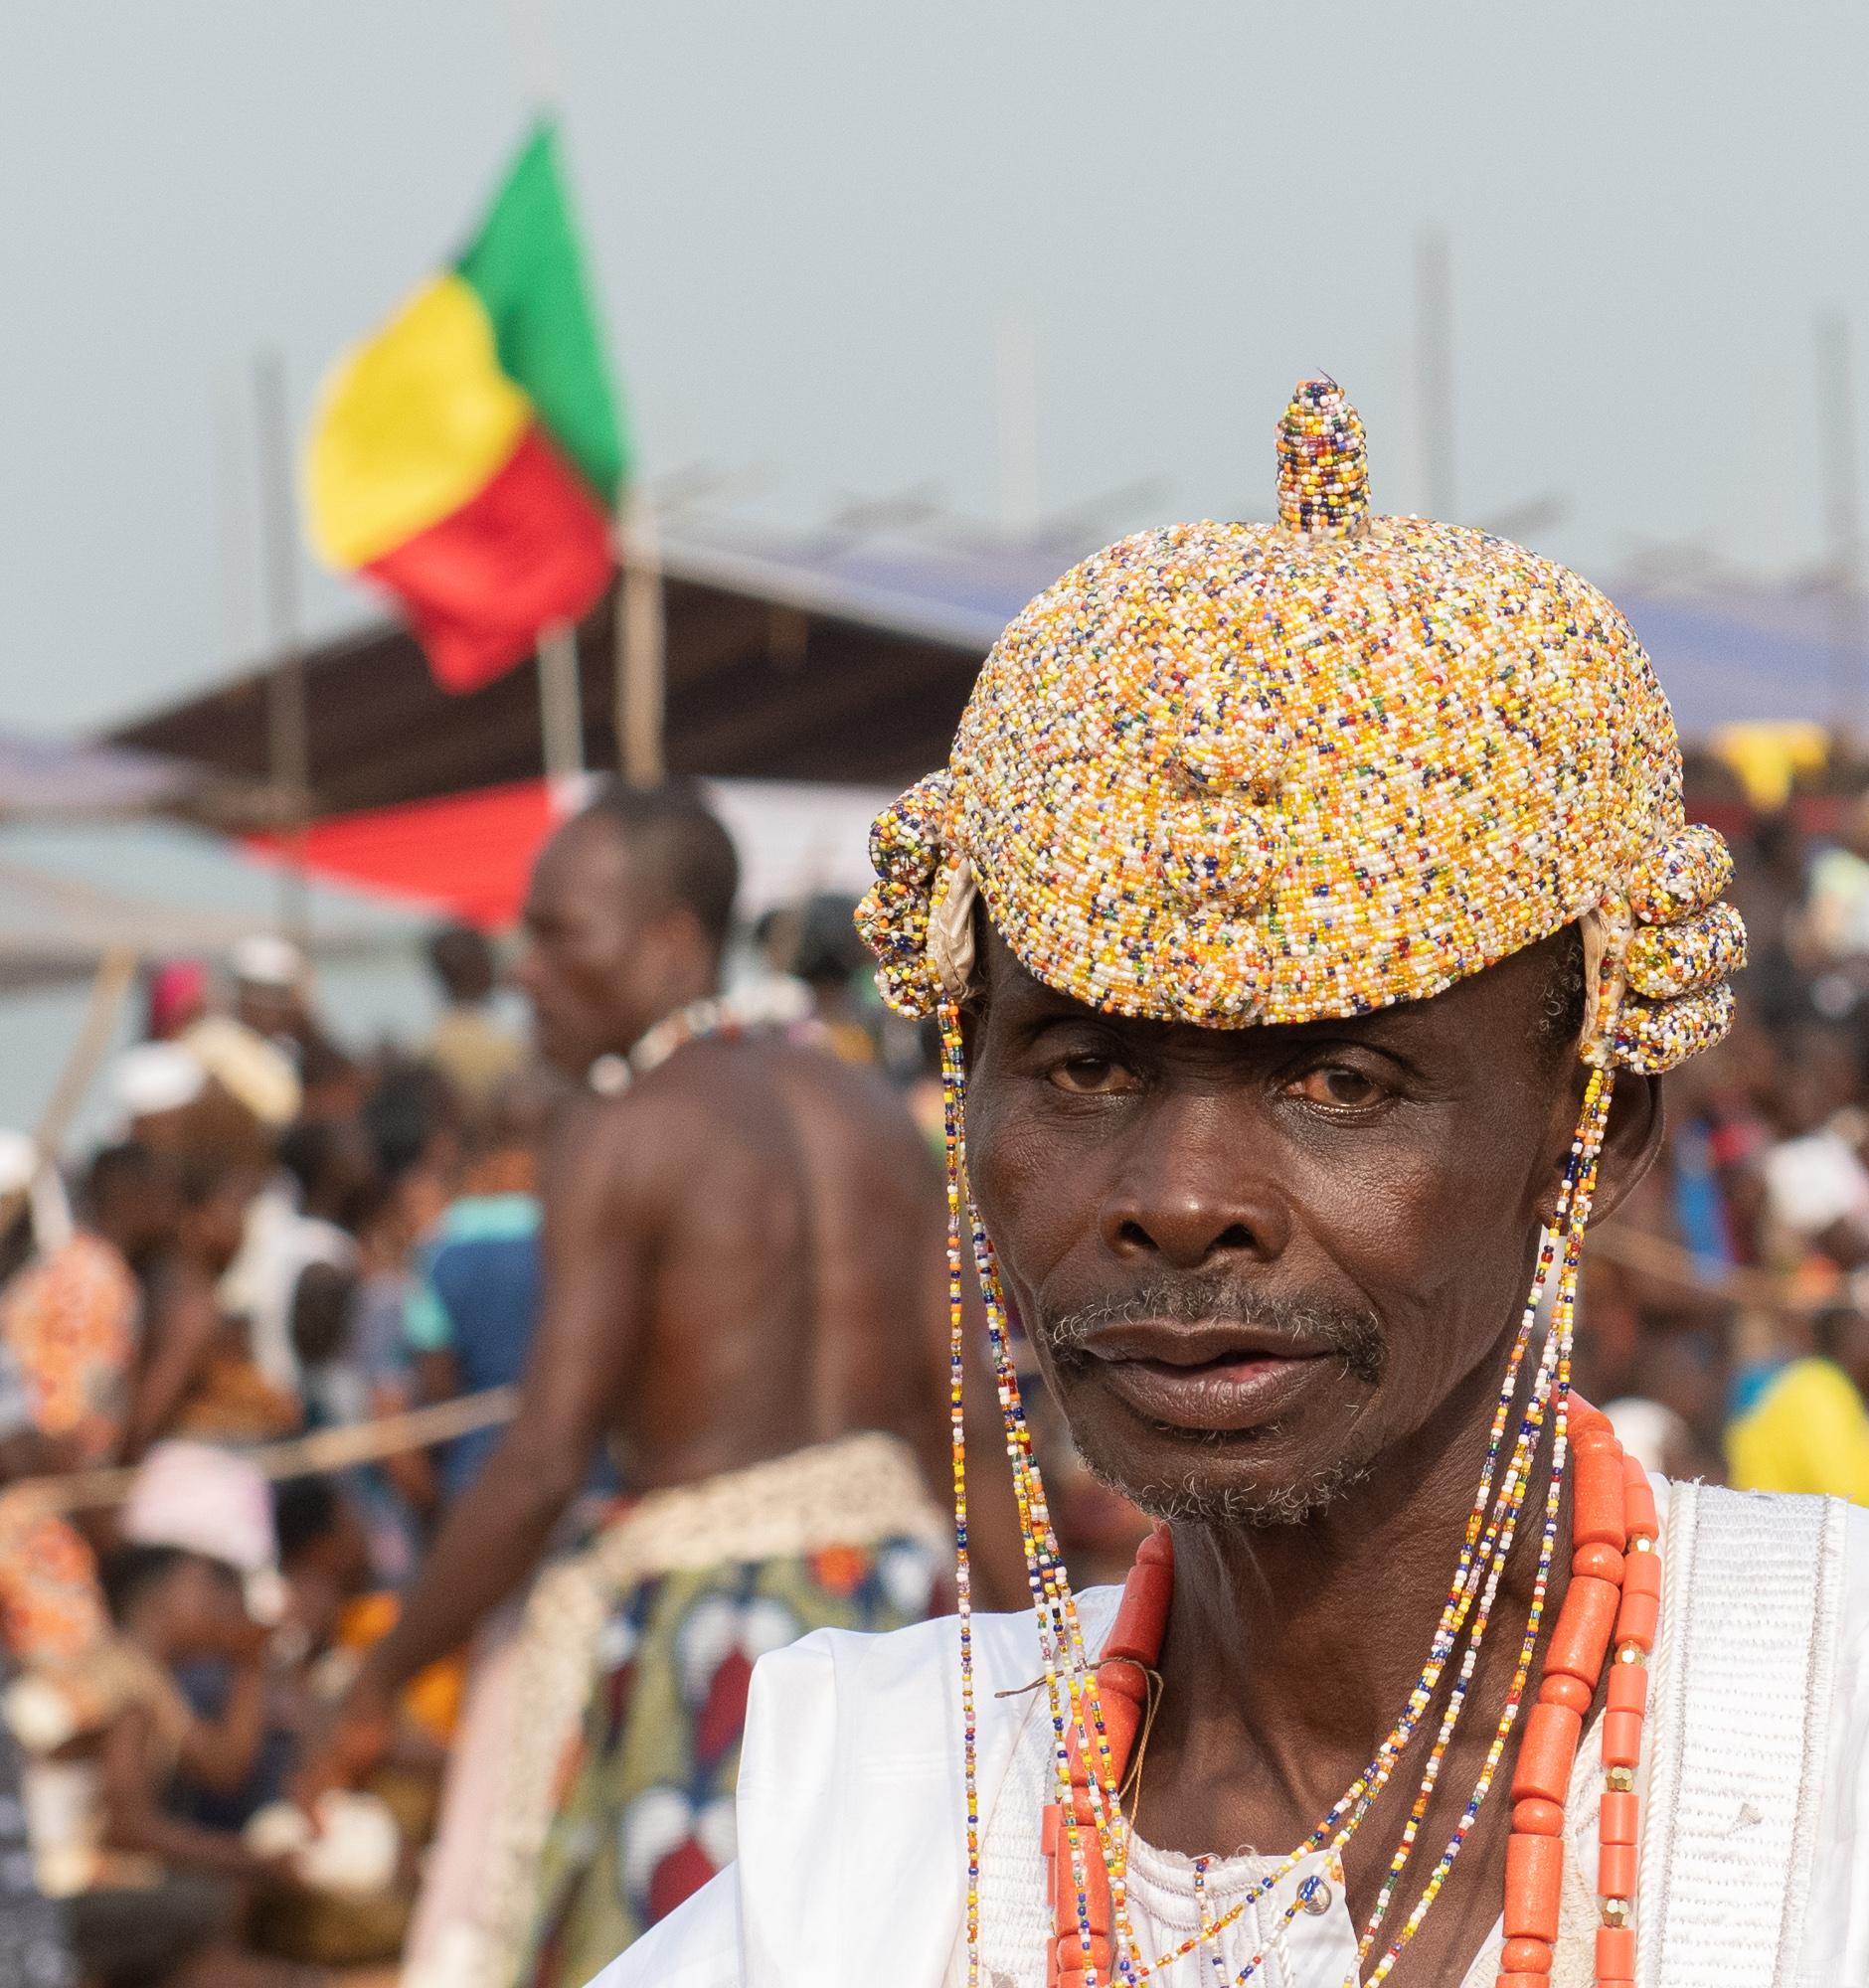 Celebrant. 2019 Voodoo Festival, Ouidah, Benin